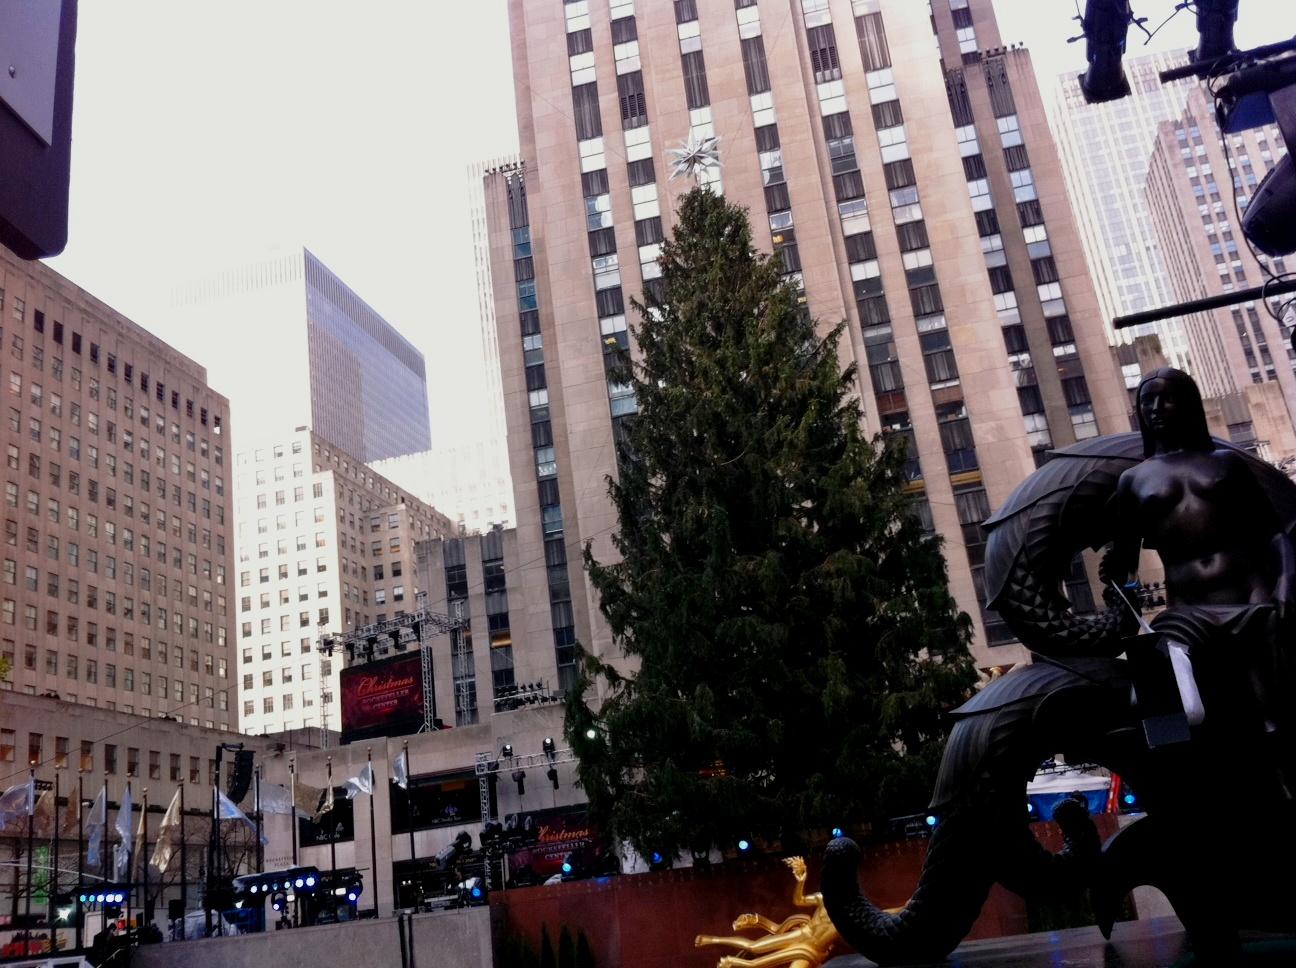 christmas tree lighting 2013 when is nyc christmas tree lighting 2012